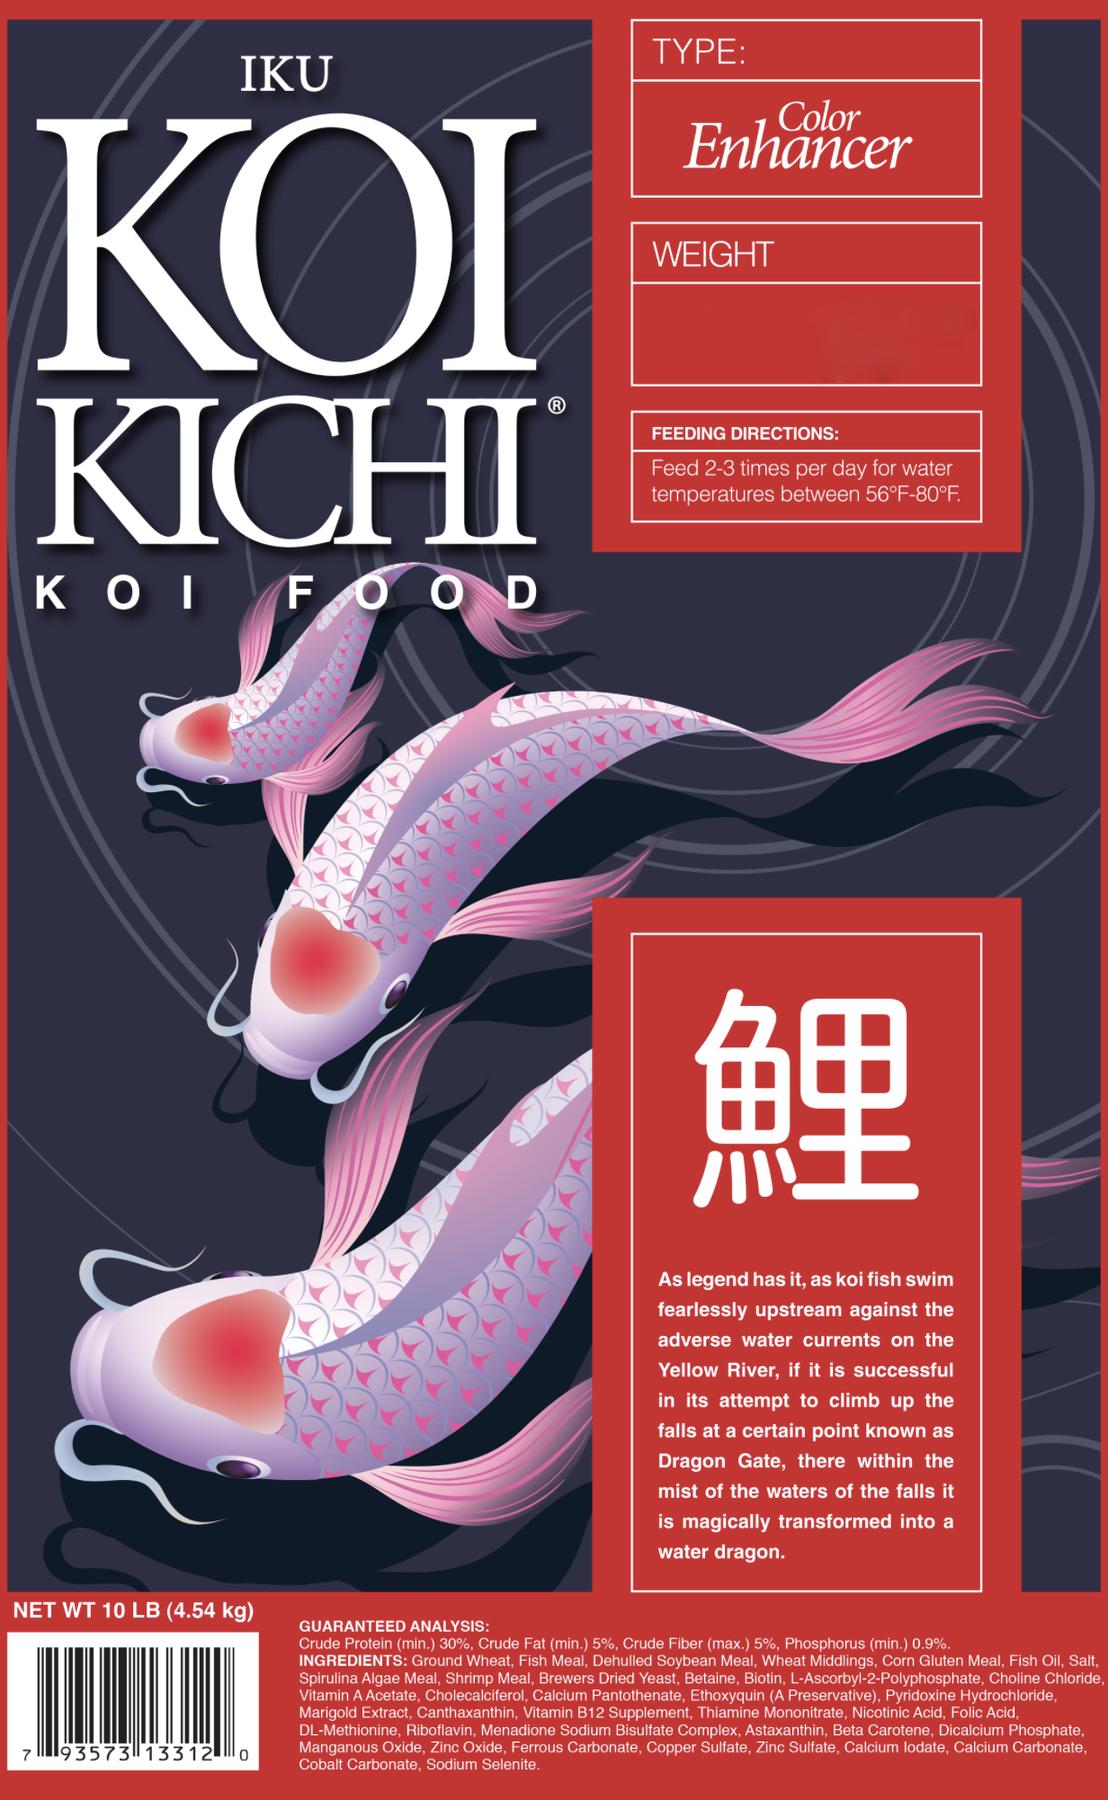 Iku Koi Kichi Color Enhancer Koi Fish Food - 10 lbs.